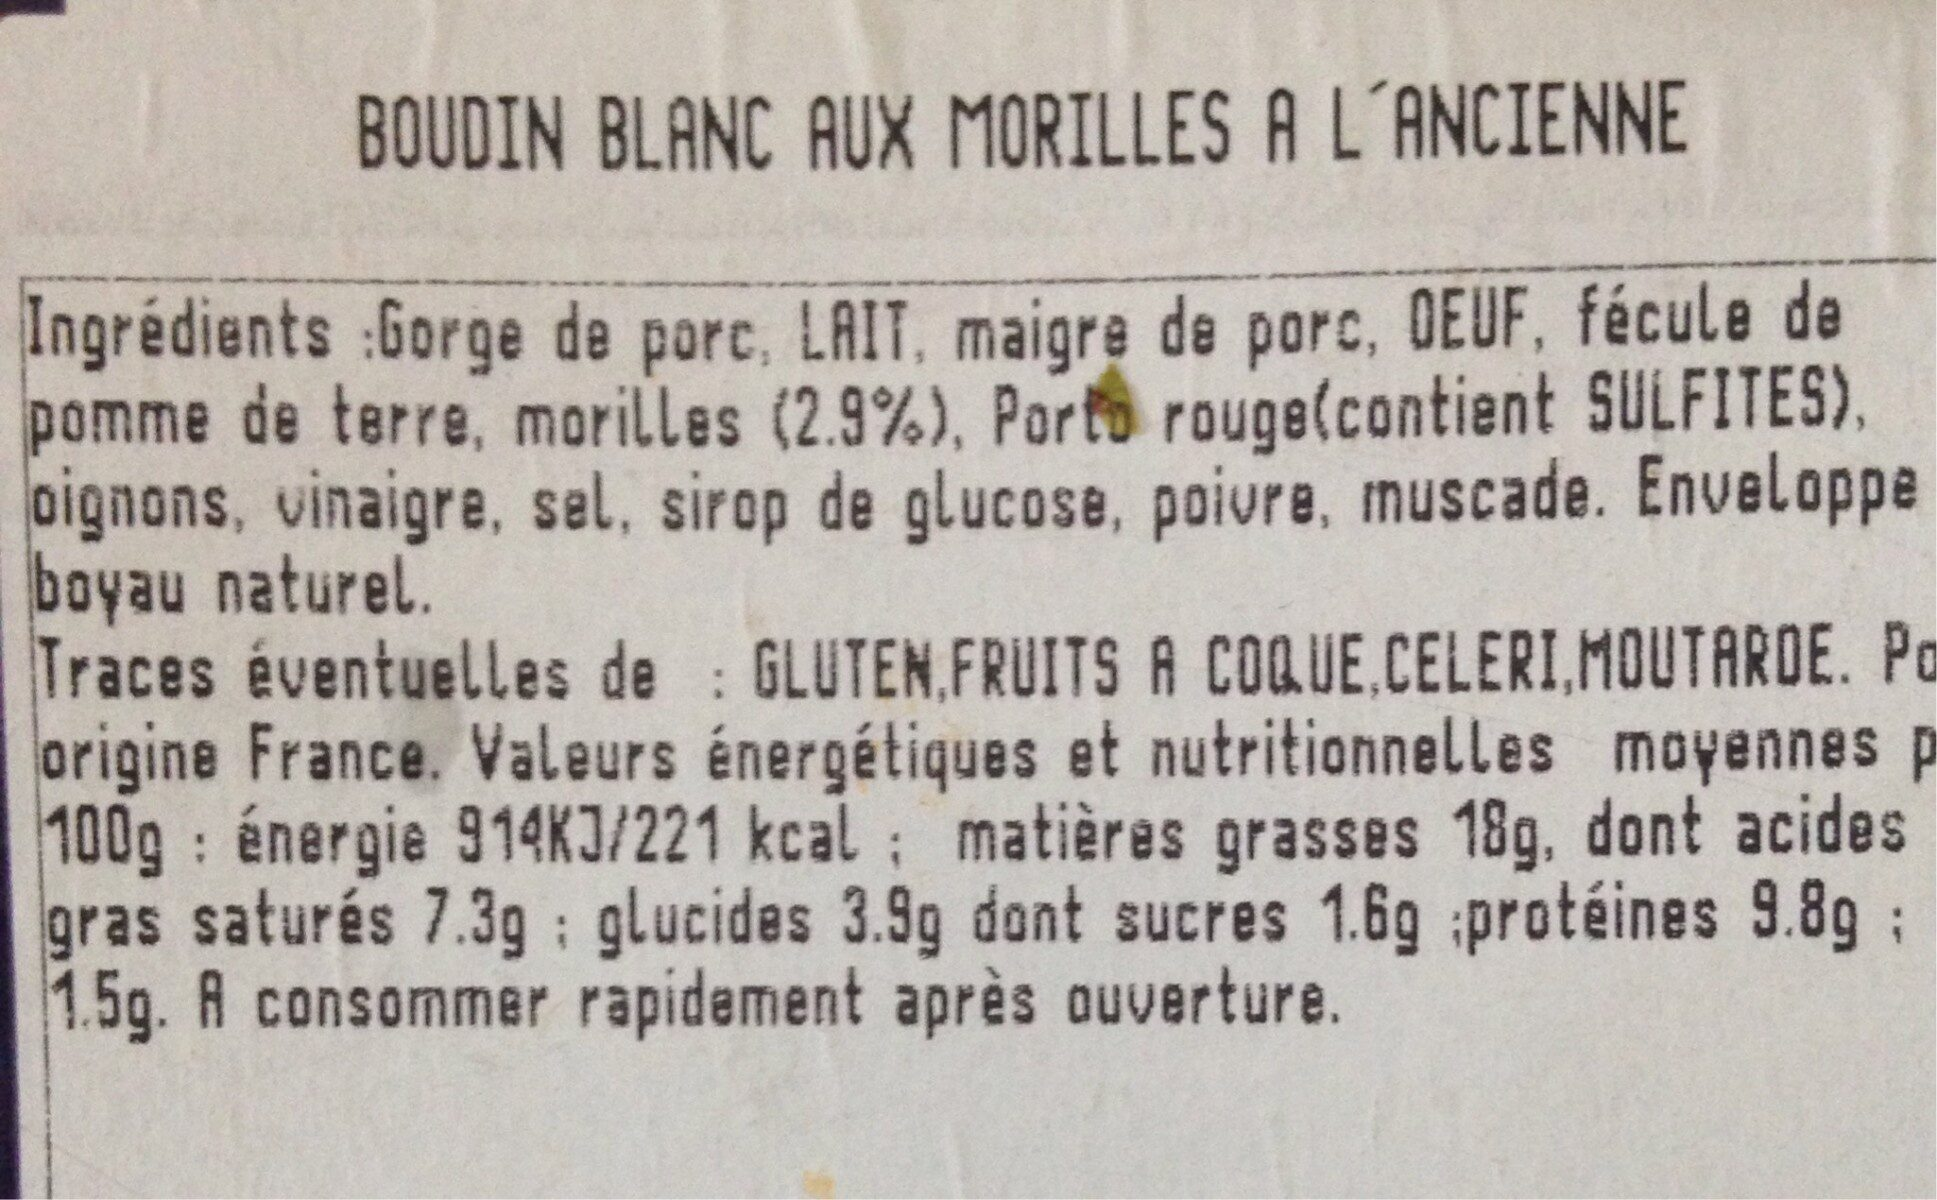 Boudin blanc aux morilles à l'ancienne - Informations nutritionnelles - fr